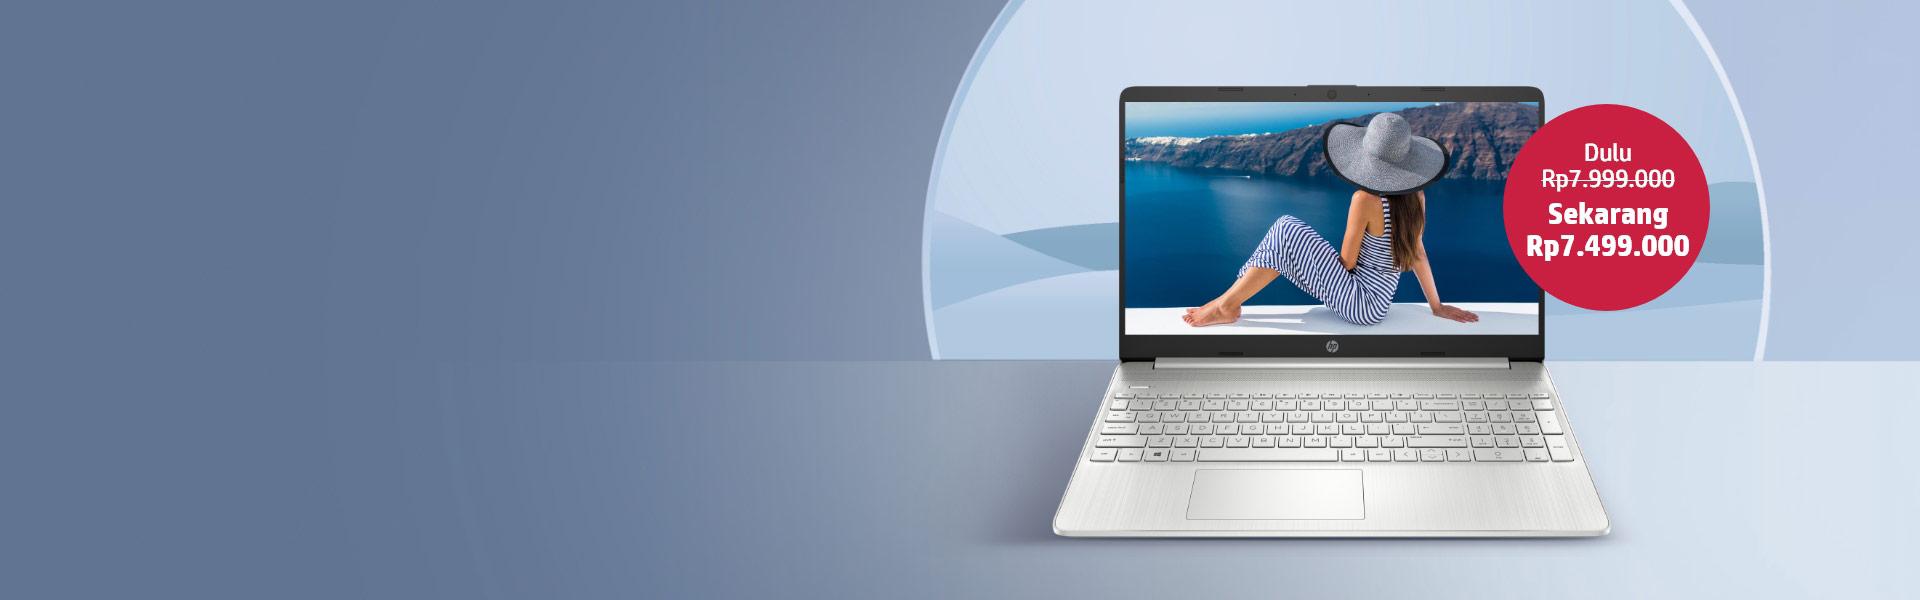 HP Online Exclusive